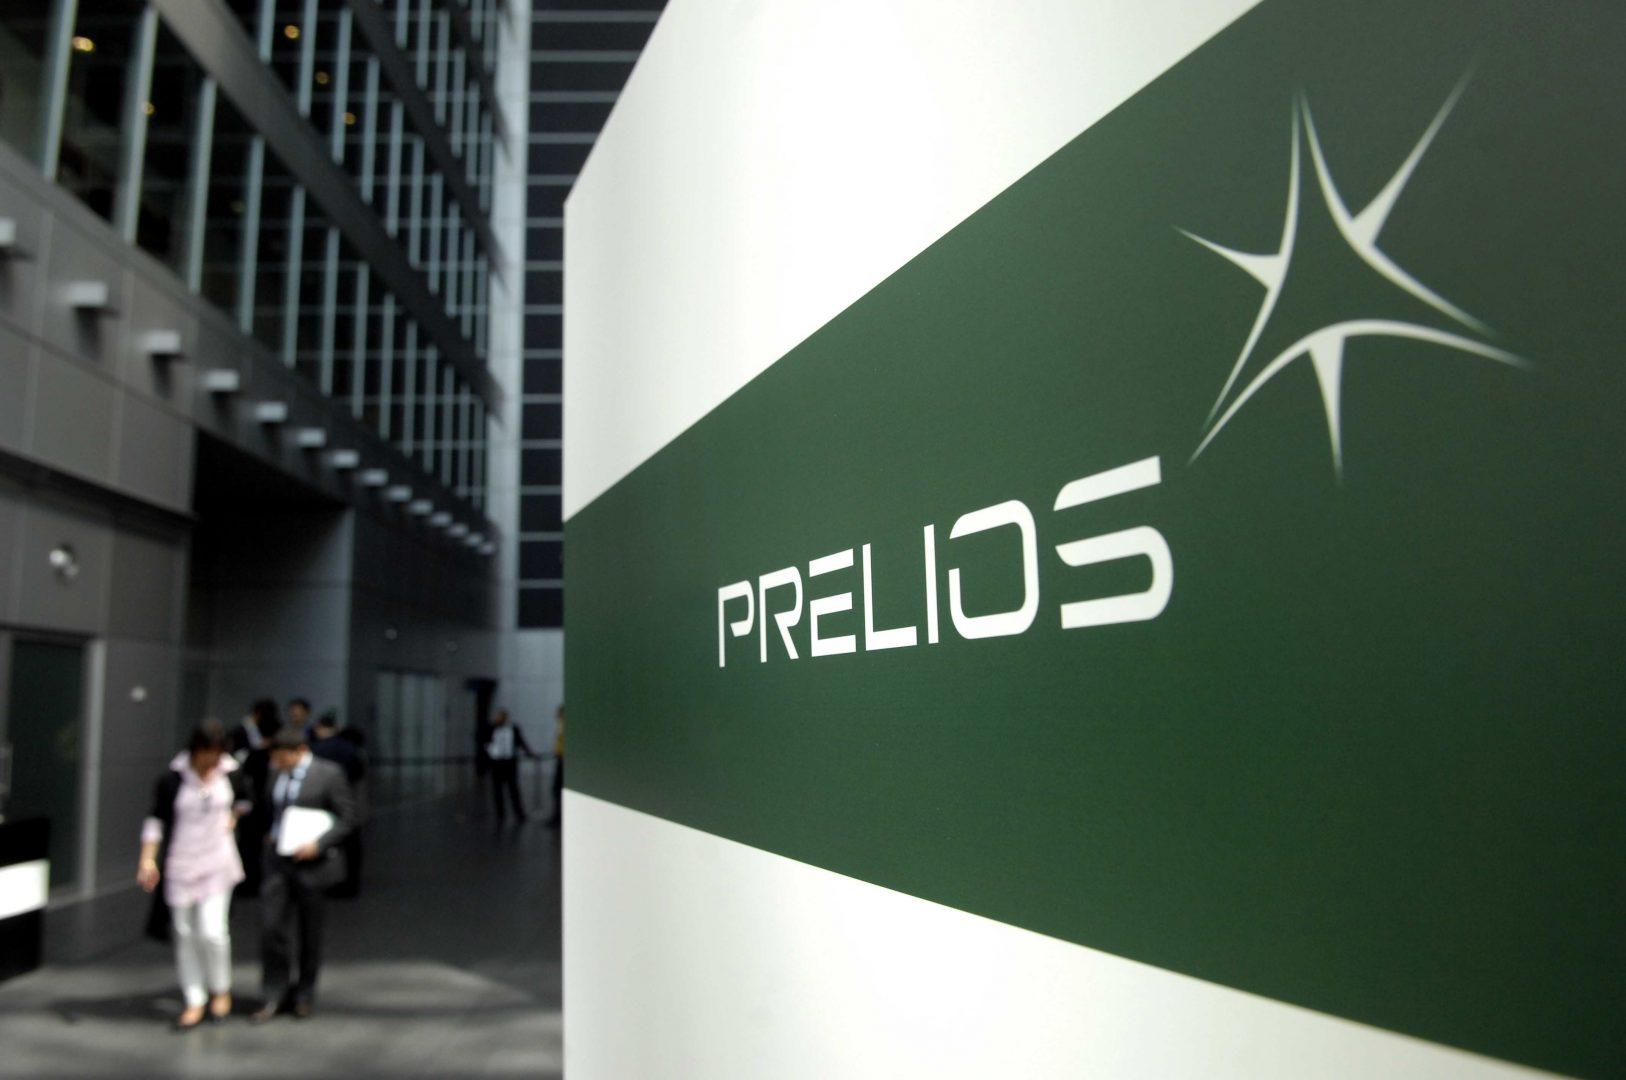 Prelios: società irlandese rileva il 44% del capitale.